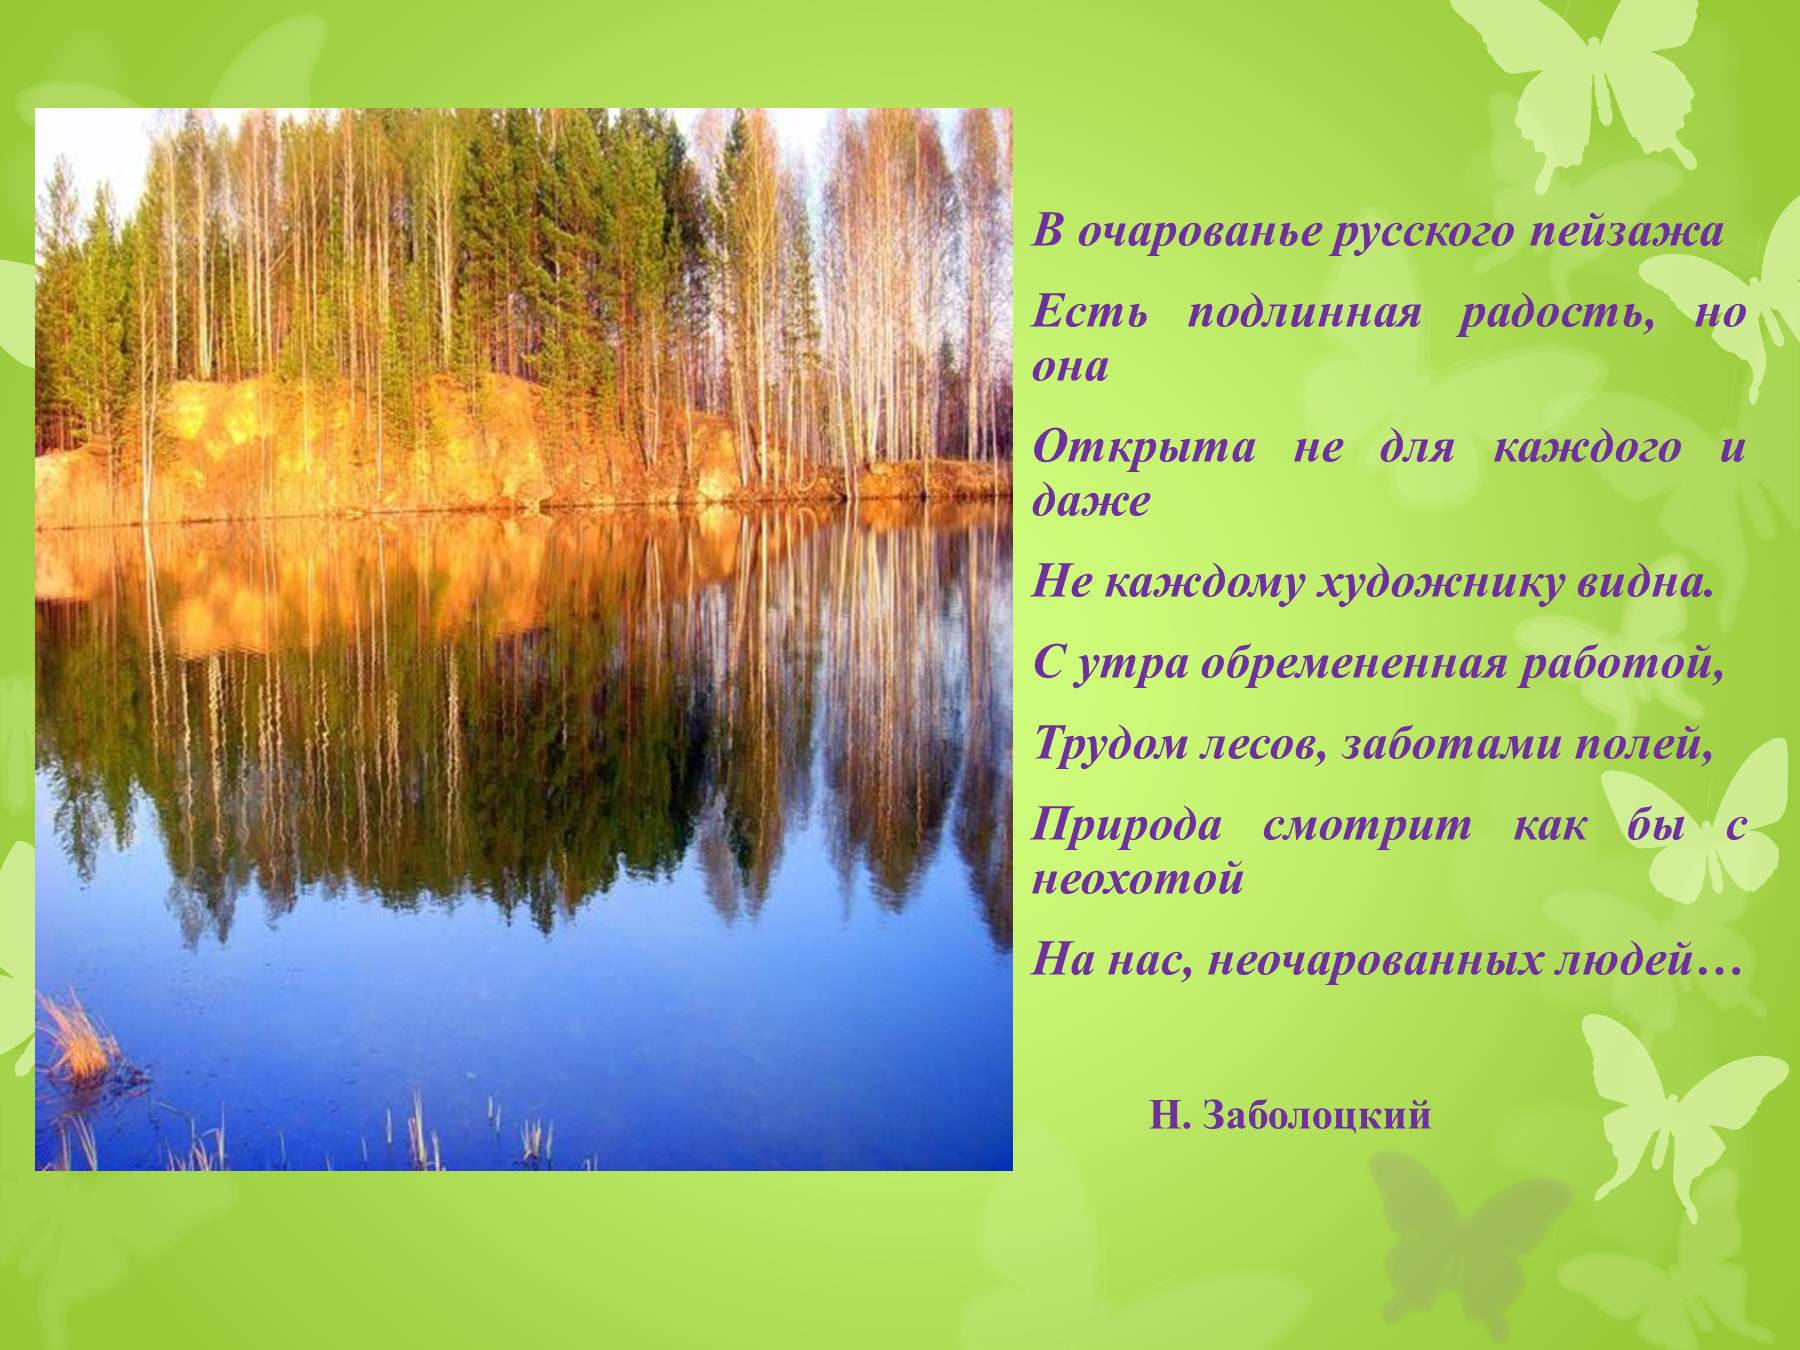 стихи про пейзажи менее, российских